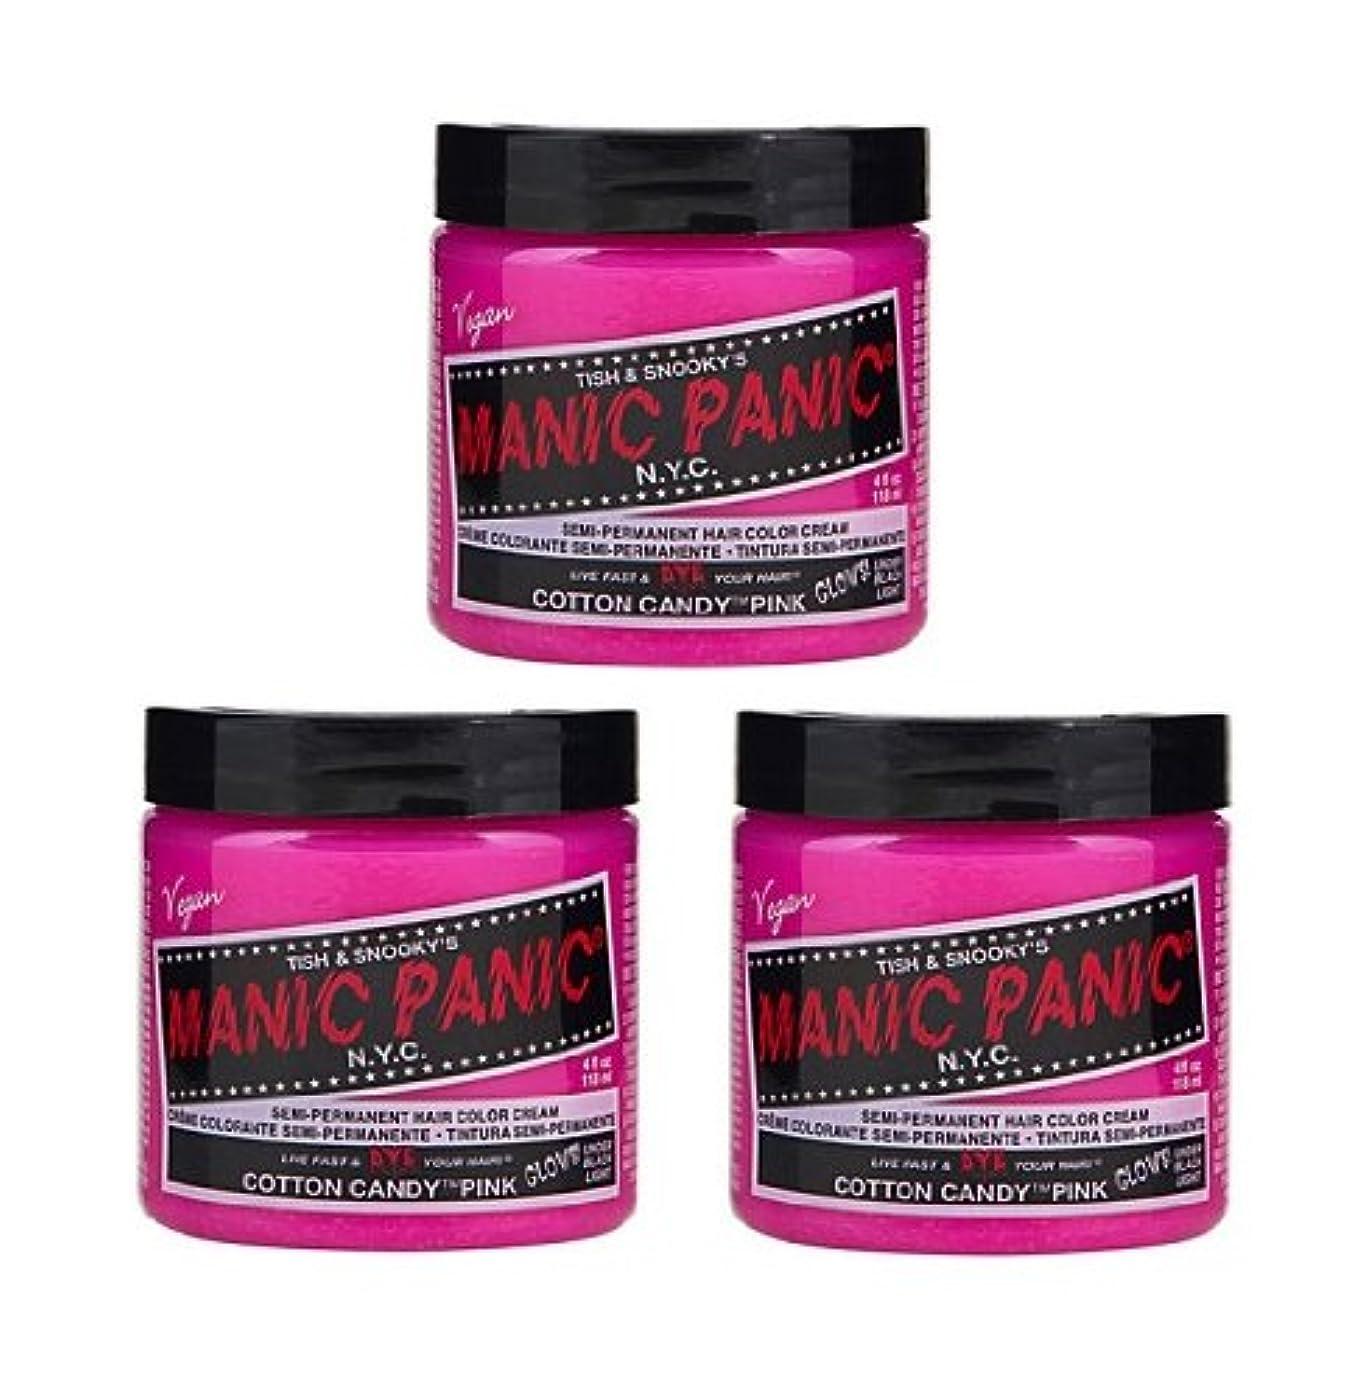 疑い者便益嵐の【3個セット】MANIC PANIC マニックパニック Cotton Candy Pink コットン?キャンディー?ピンク 118ml